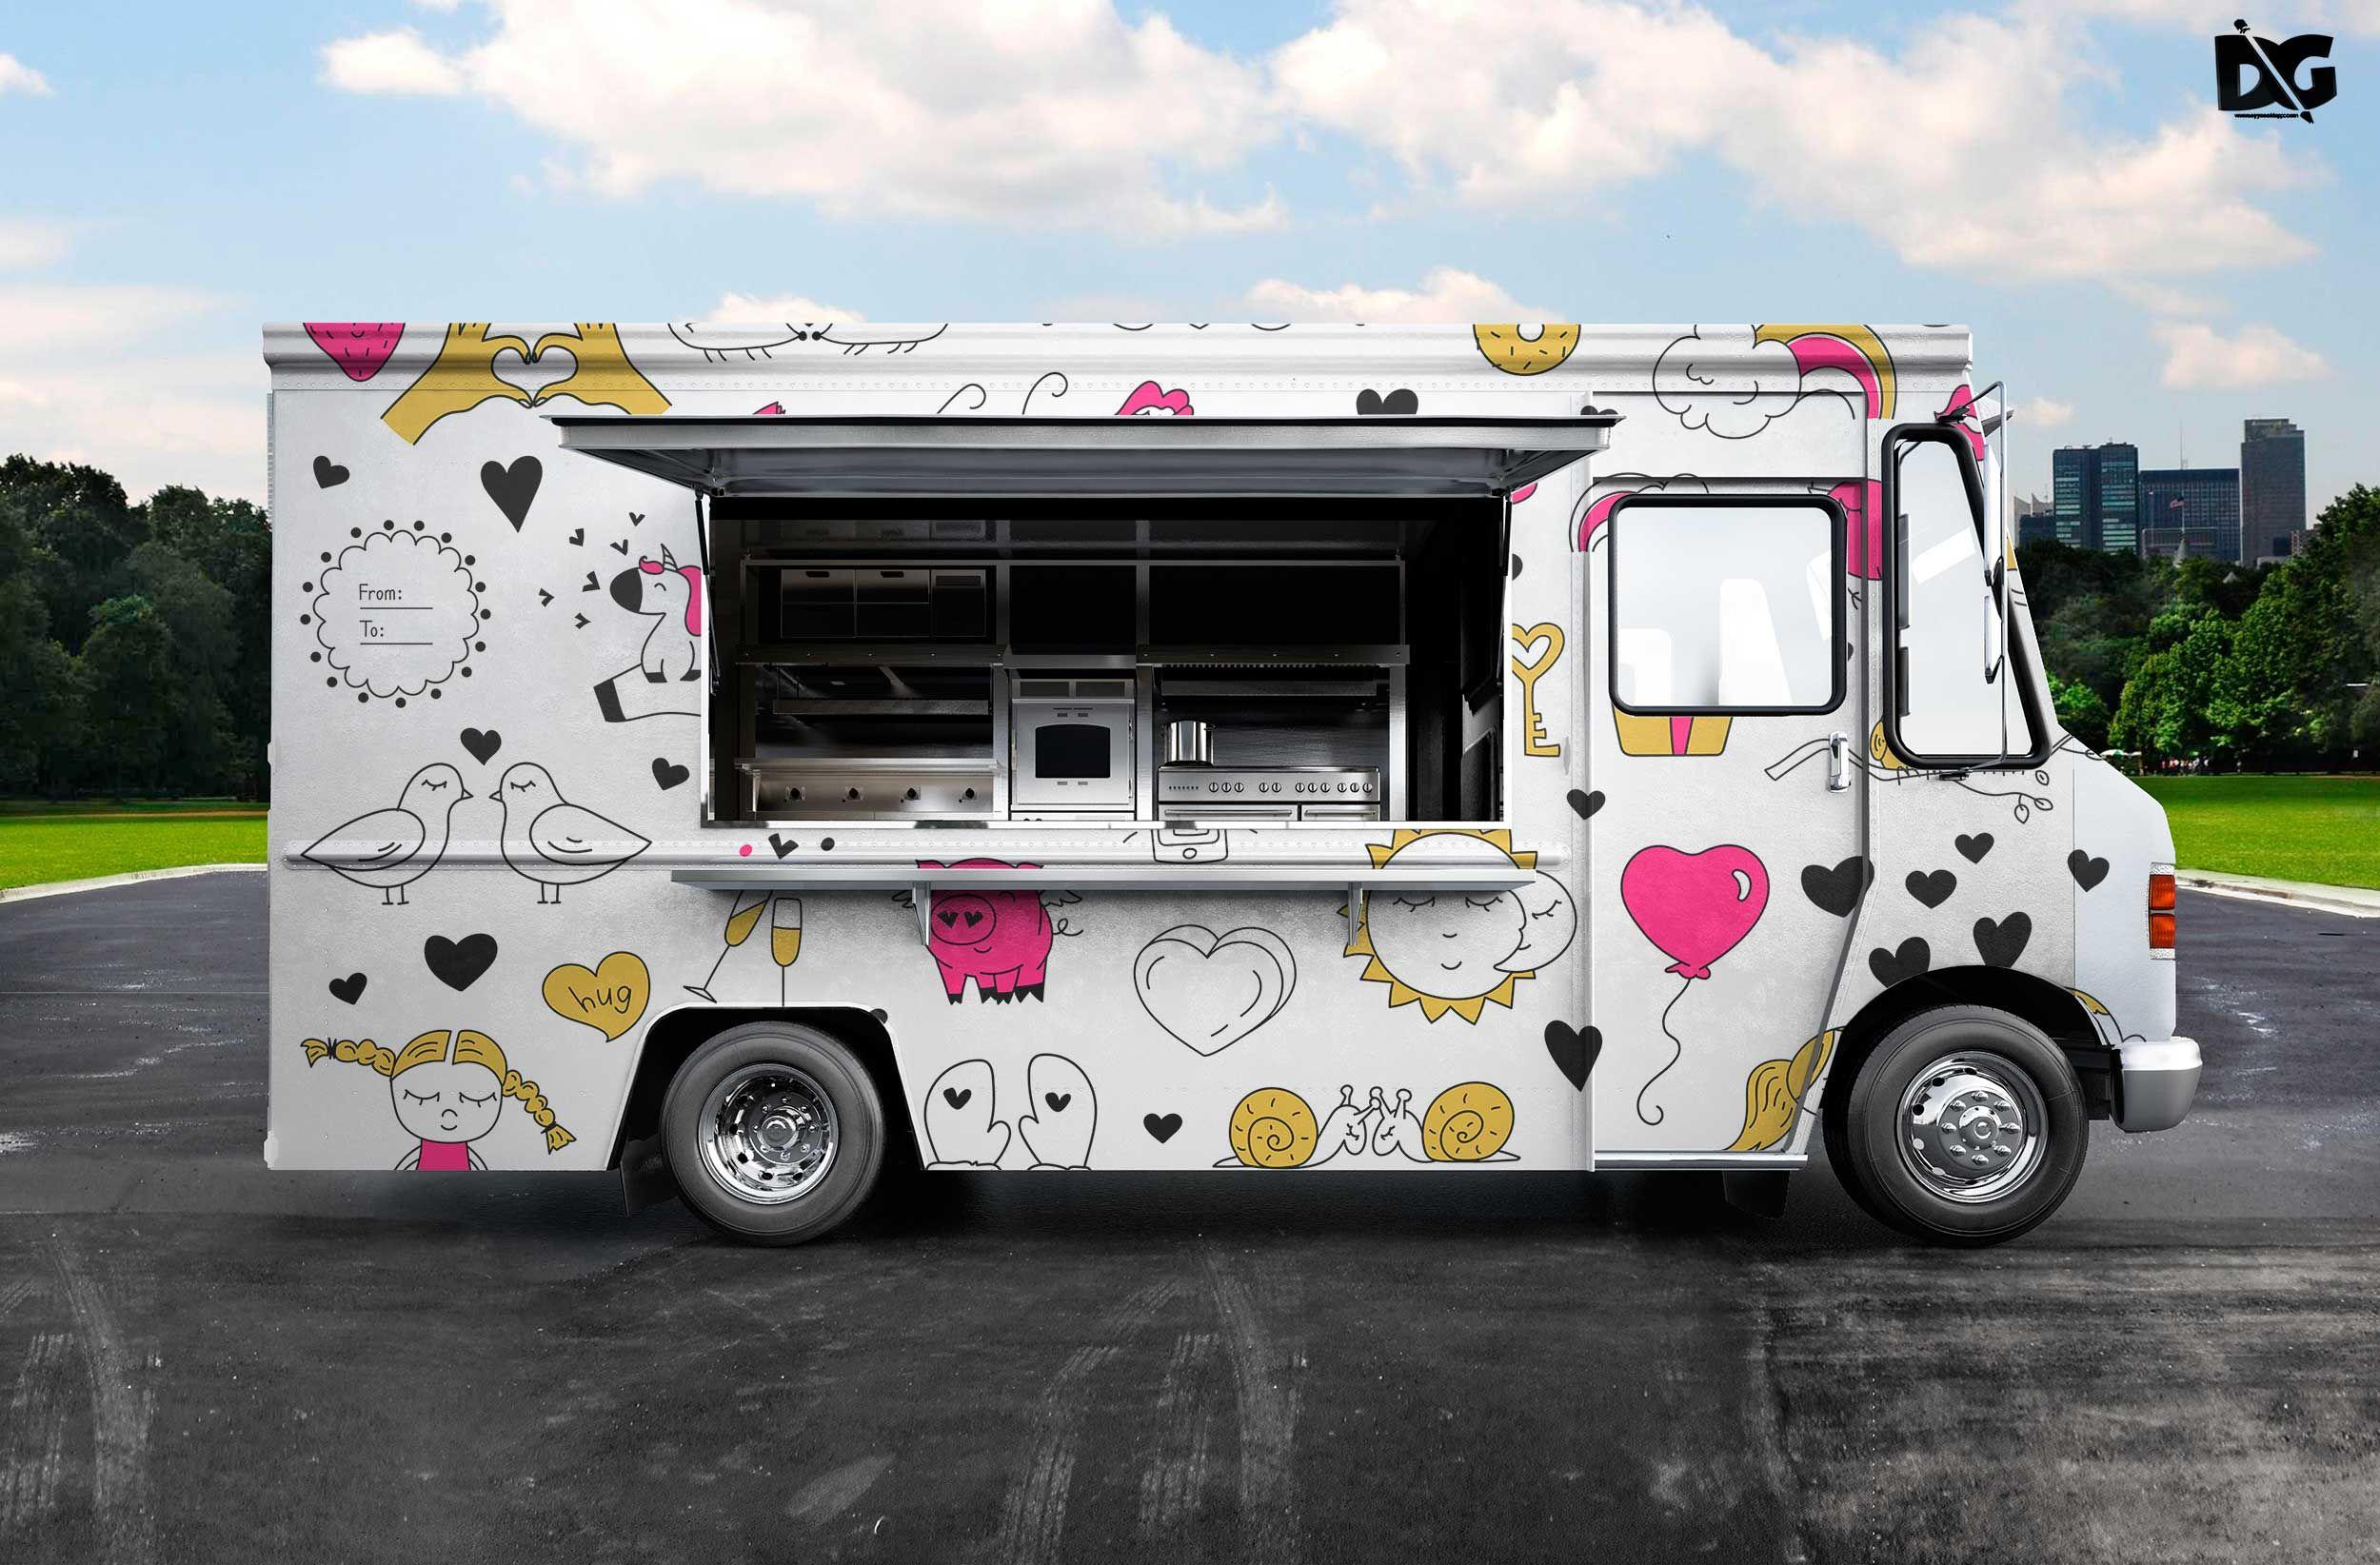 4000+ vectors, stock photos & psd files. Psd Burger Food Truck Design Mockup Food Truck Design Truck Design Food Truck